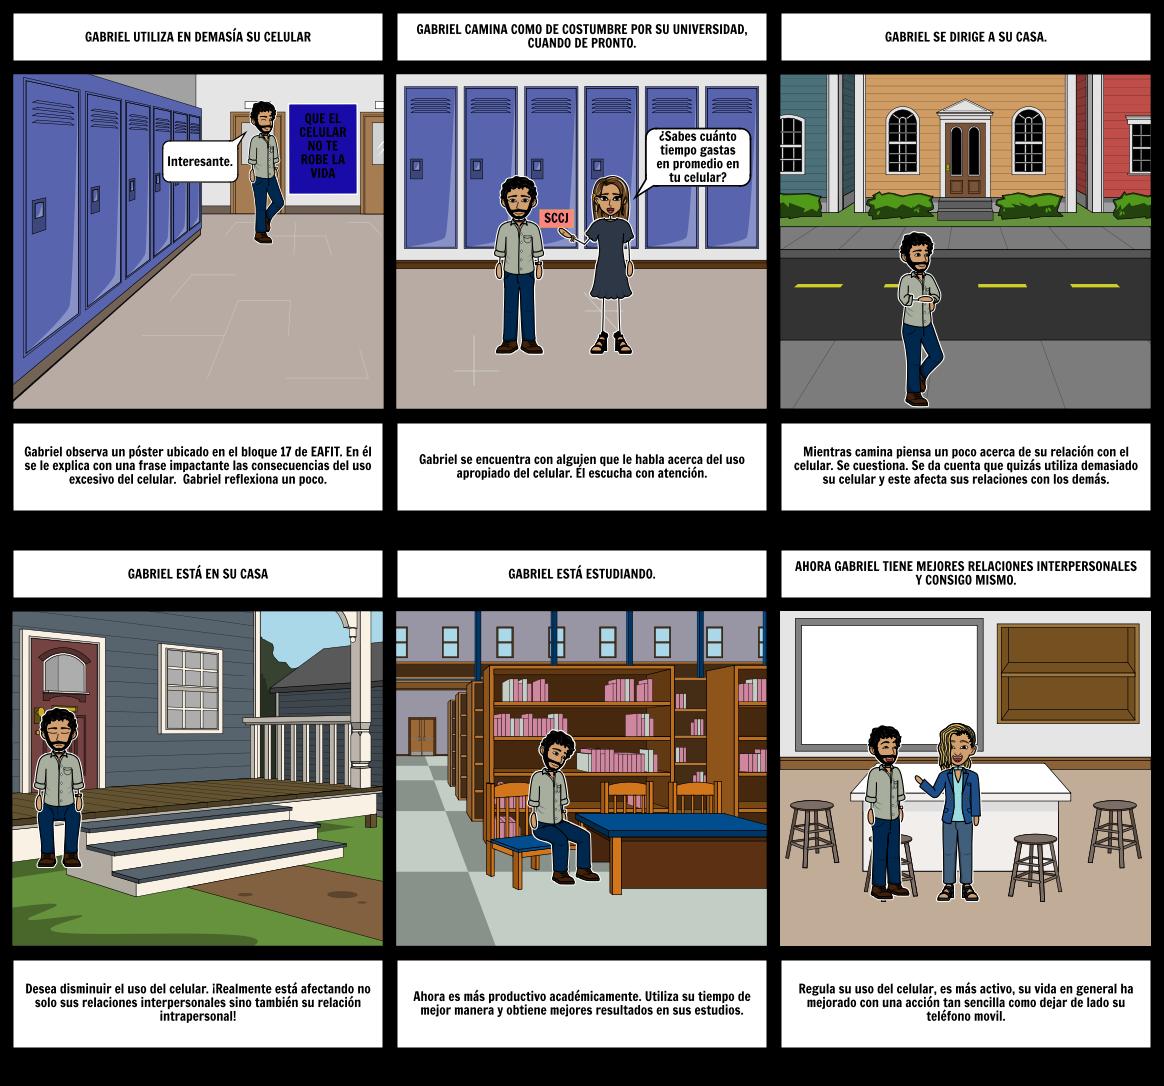 2) INICIATIVA Y CULTURA EMPRESARIAL: Storyboard